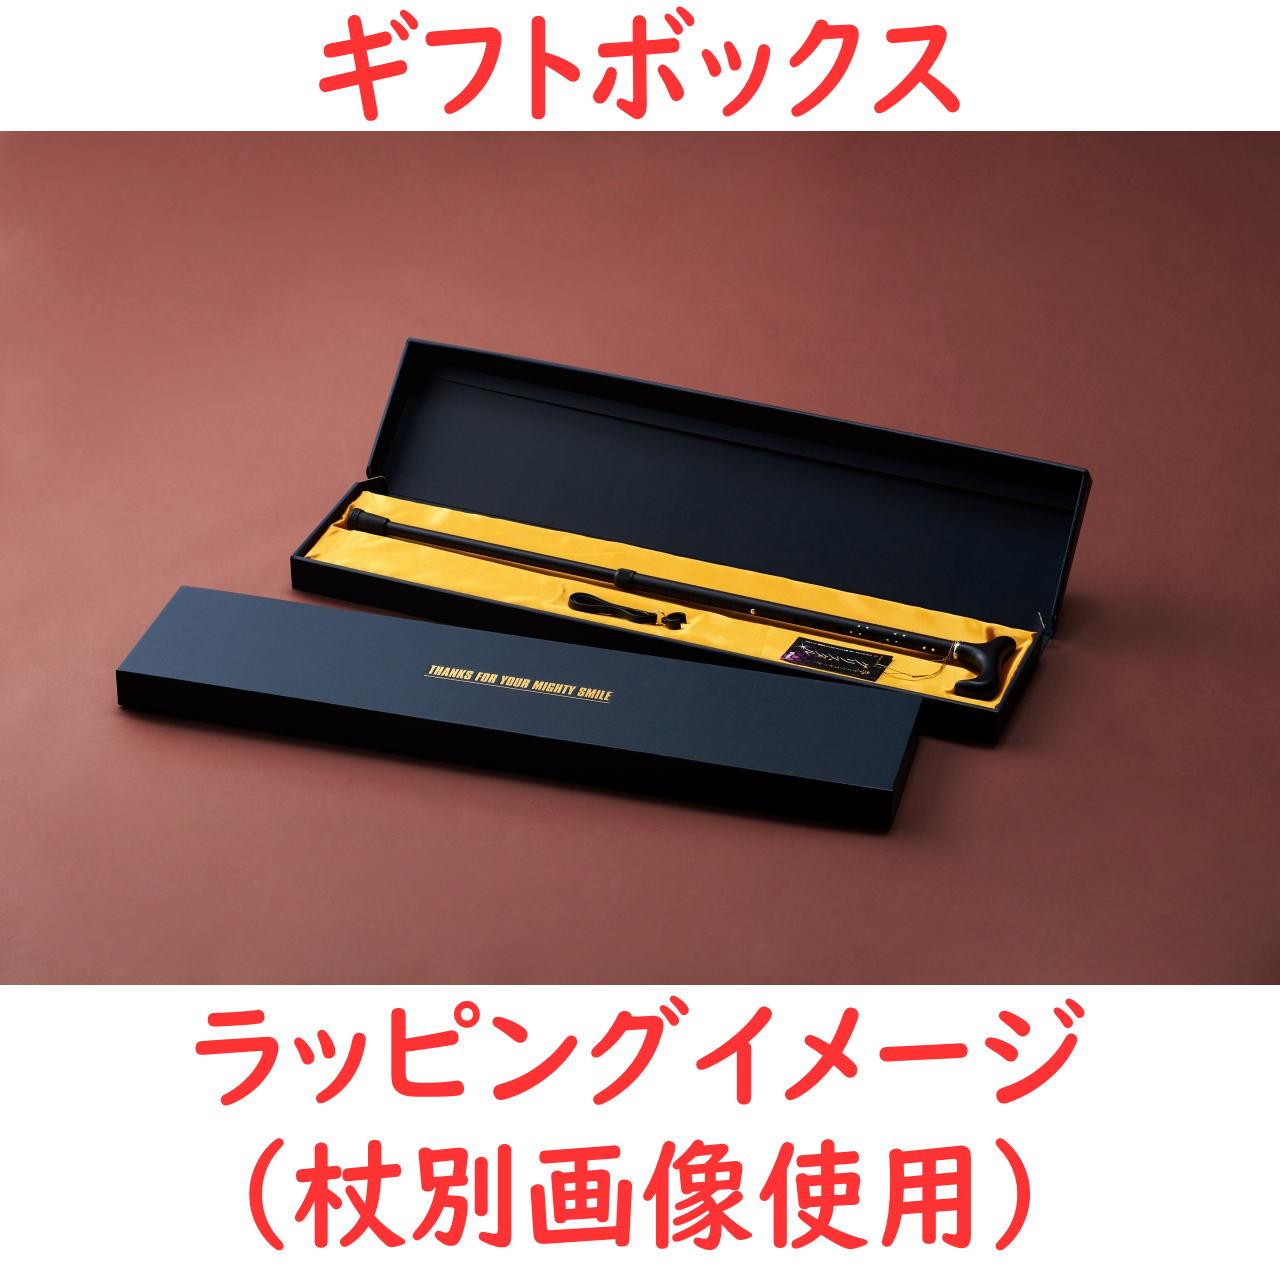 ☆ギフトボックス可☆ 夢ライフステッキ 柄杖伸縮型(スリムタイプ) ダークブルーフローラル